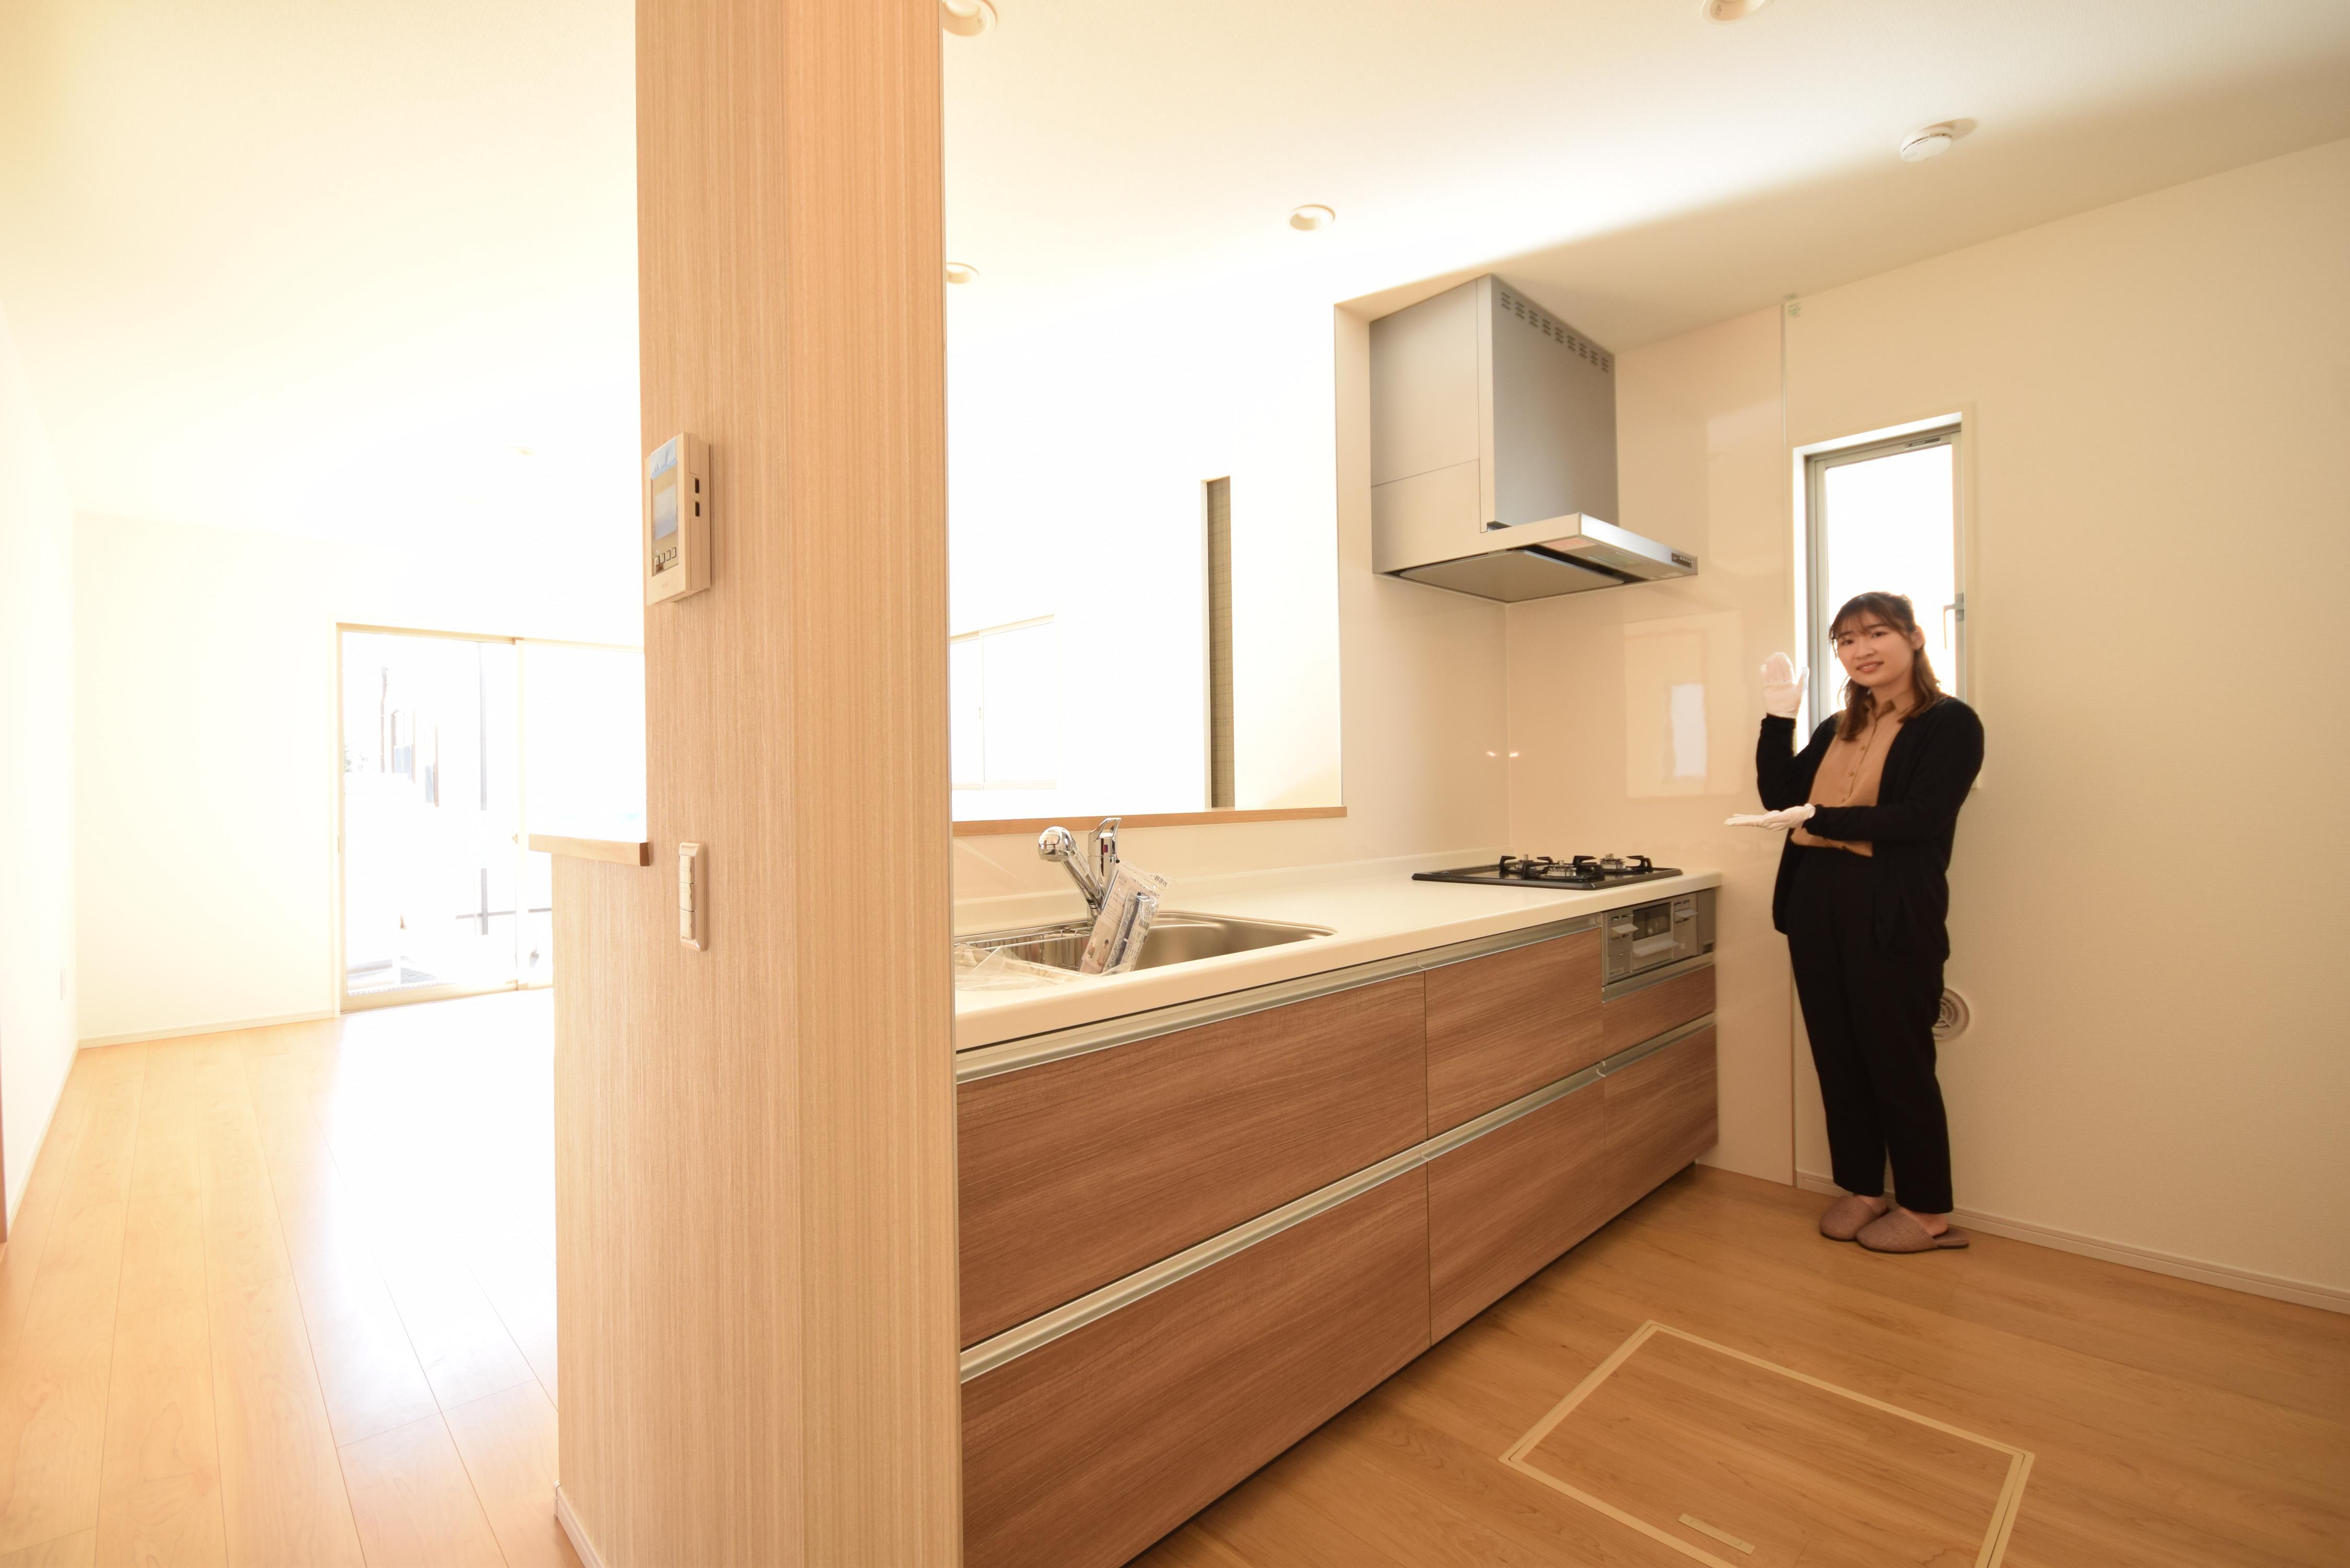 配膳やお片付けに便利な対面キッチンです。コミュニケーションが取りやすく家族の絆が深まります♪